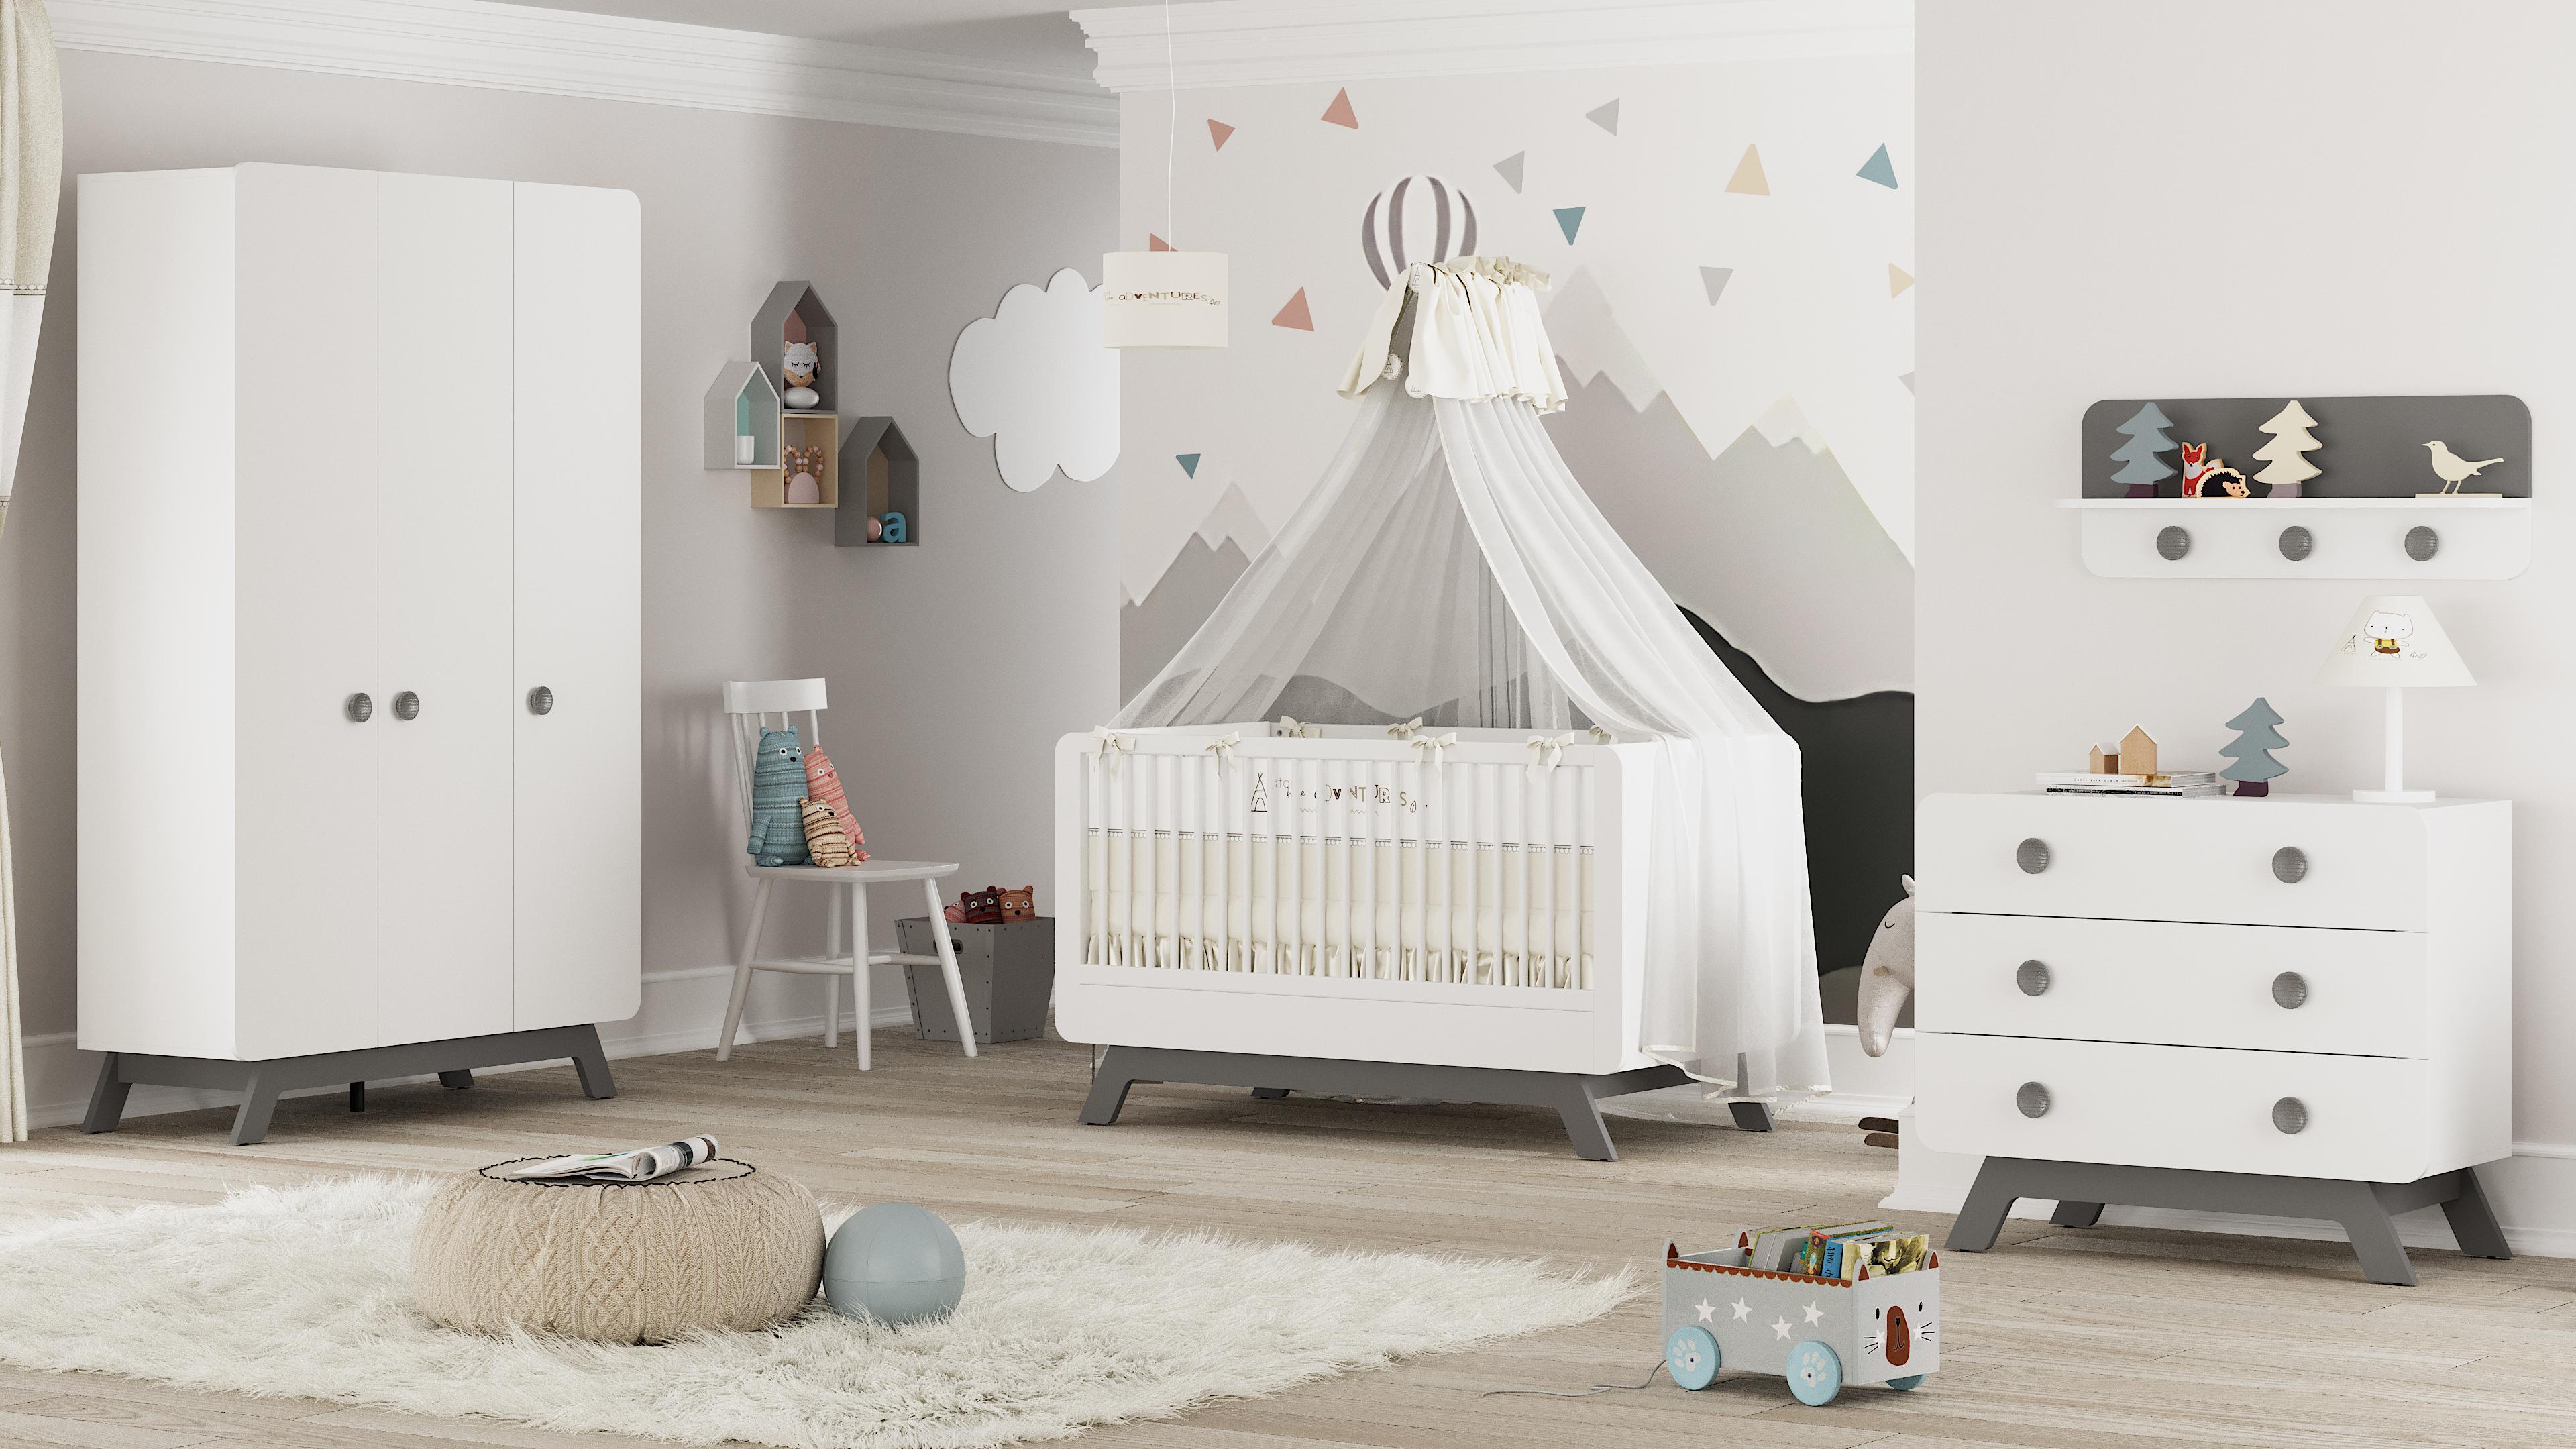 Babyzimmer Set Baby Cute 21 teilig weiss/grau